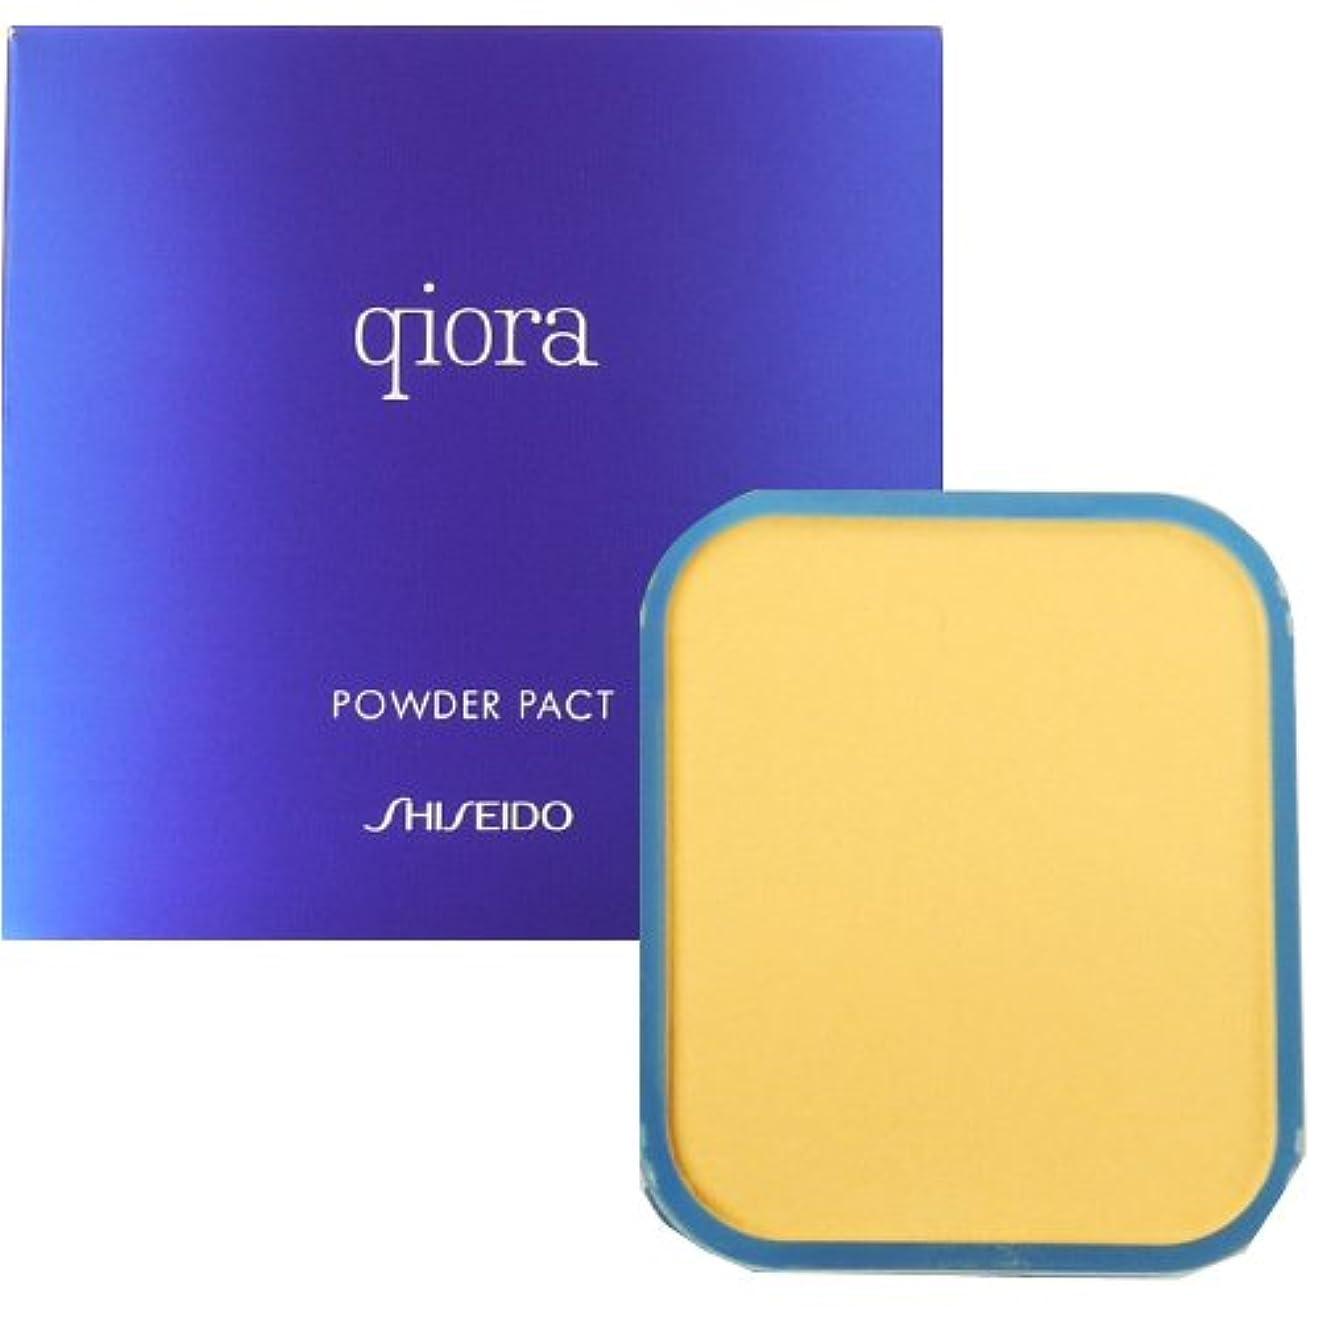 ドレス骨髄光資生堂 キオラ qiora パウダーパクト SPF17 PA++ 【詰め替え用】 10g【ベージュオークル10】